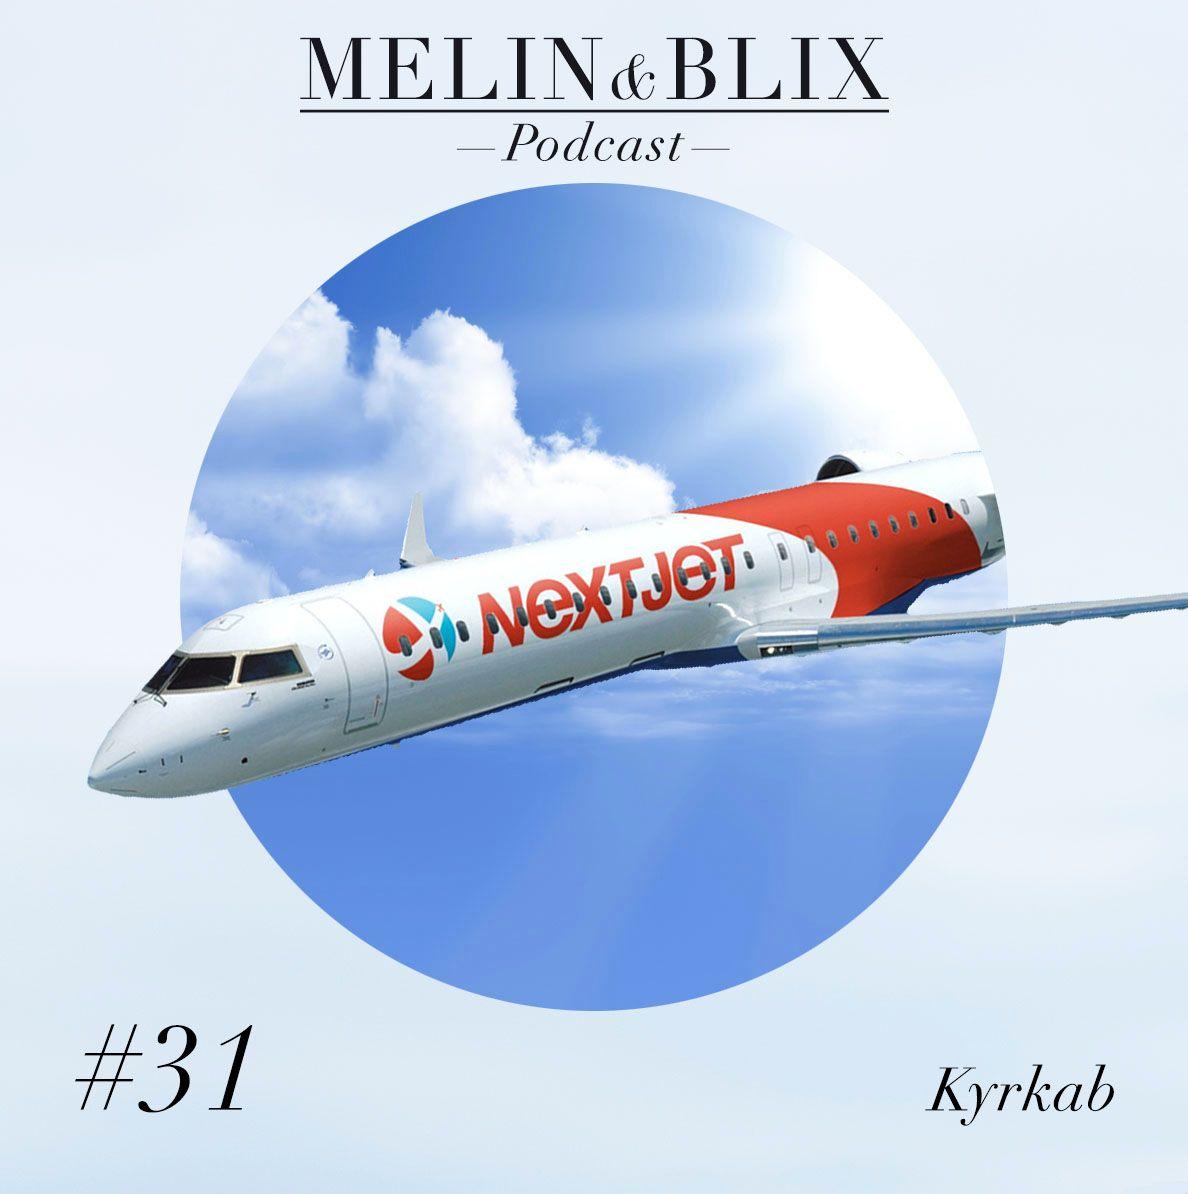 #31 Kyrkab